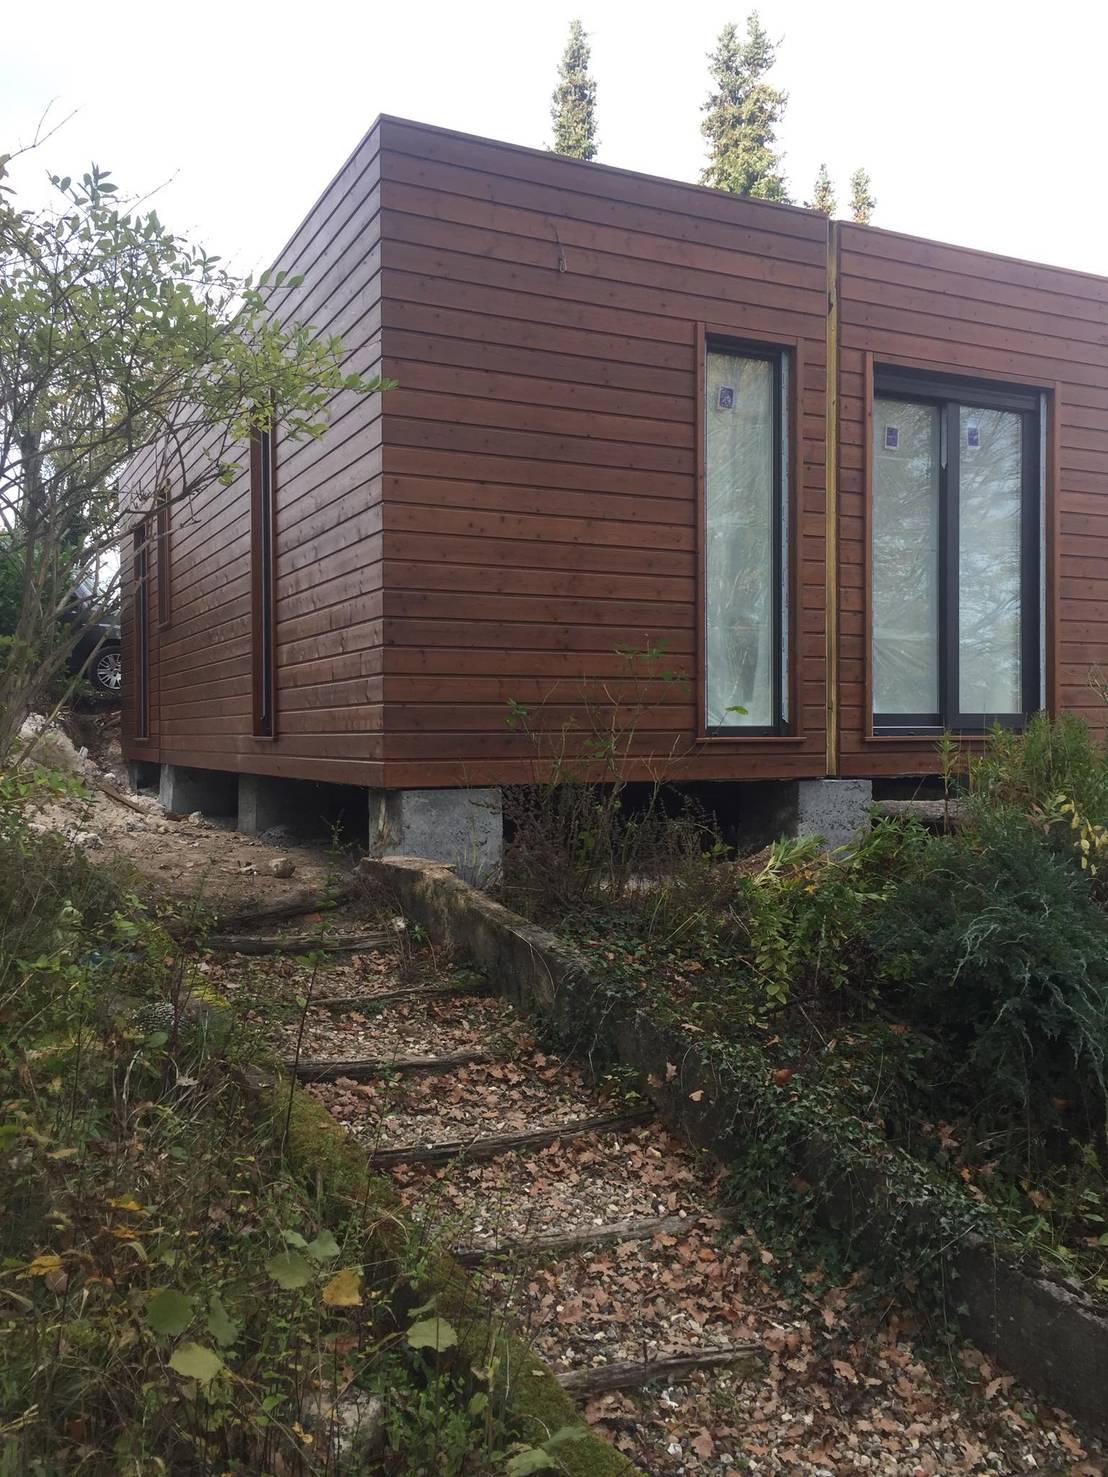 Casa fran a 105m2 de jgds epa casas modulares homify - Foro casas prefabricadas ...